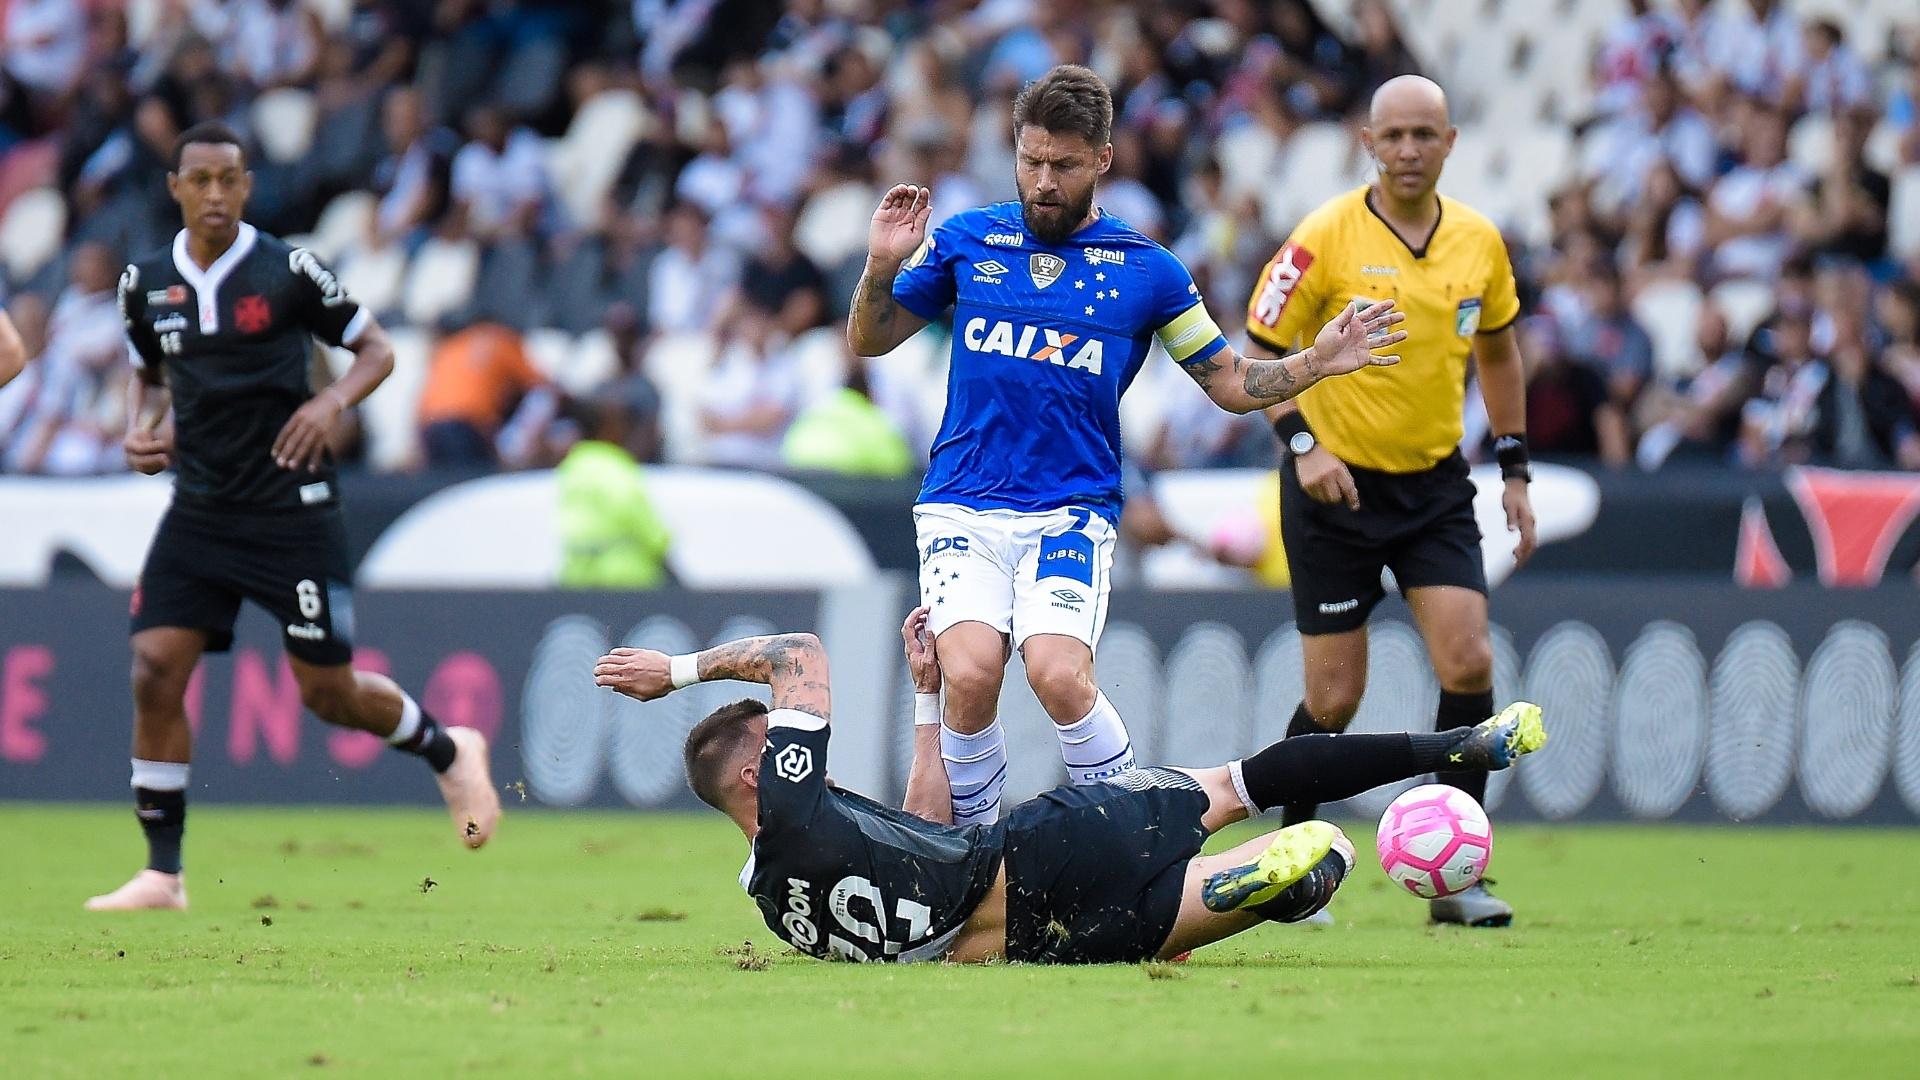 Rafael Sóbis, do Cruzeiro, disputa bola com Bruno Cosendey, do Vasco